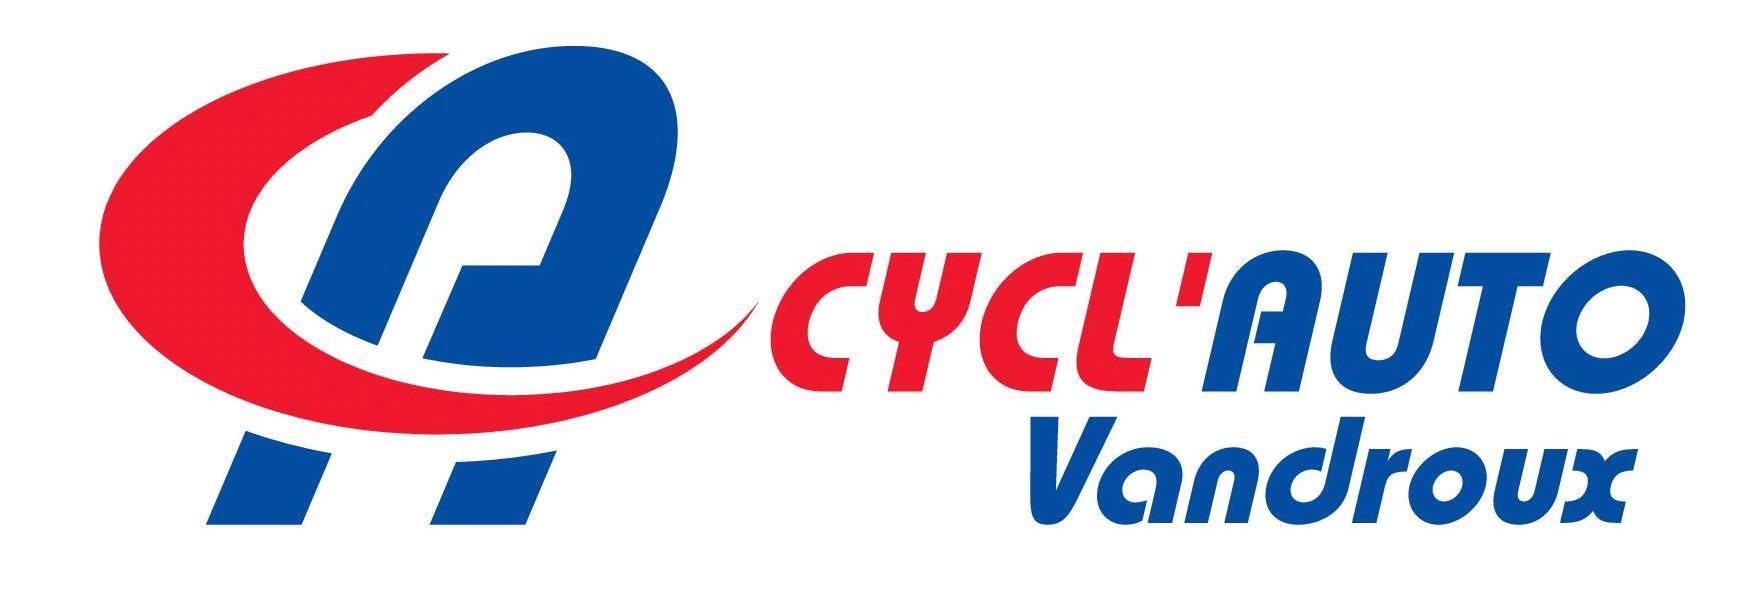 cyclauto